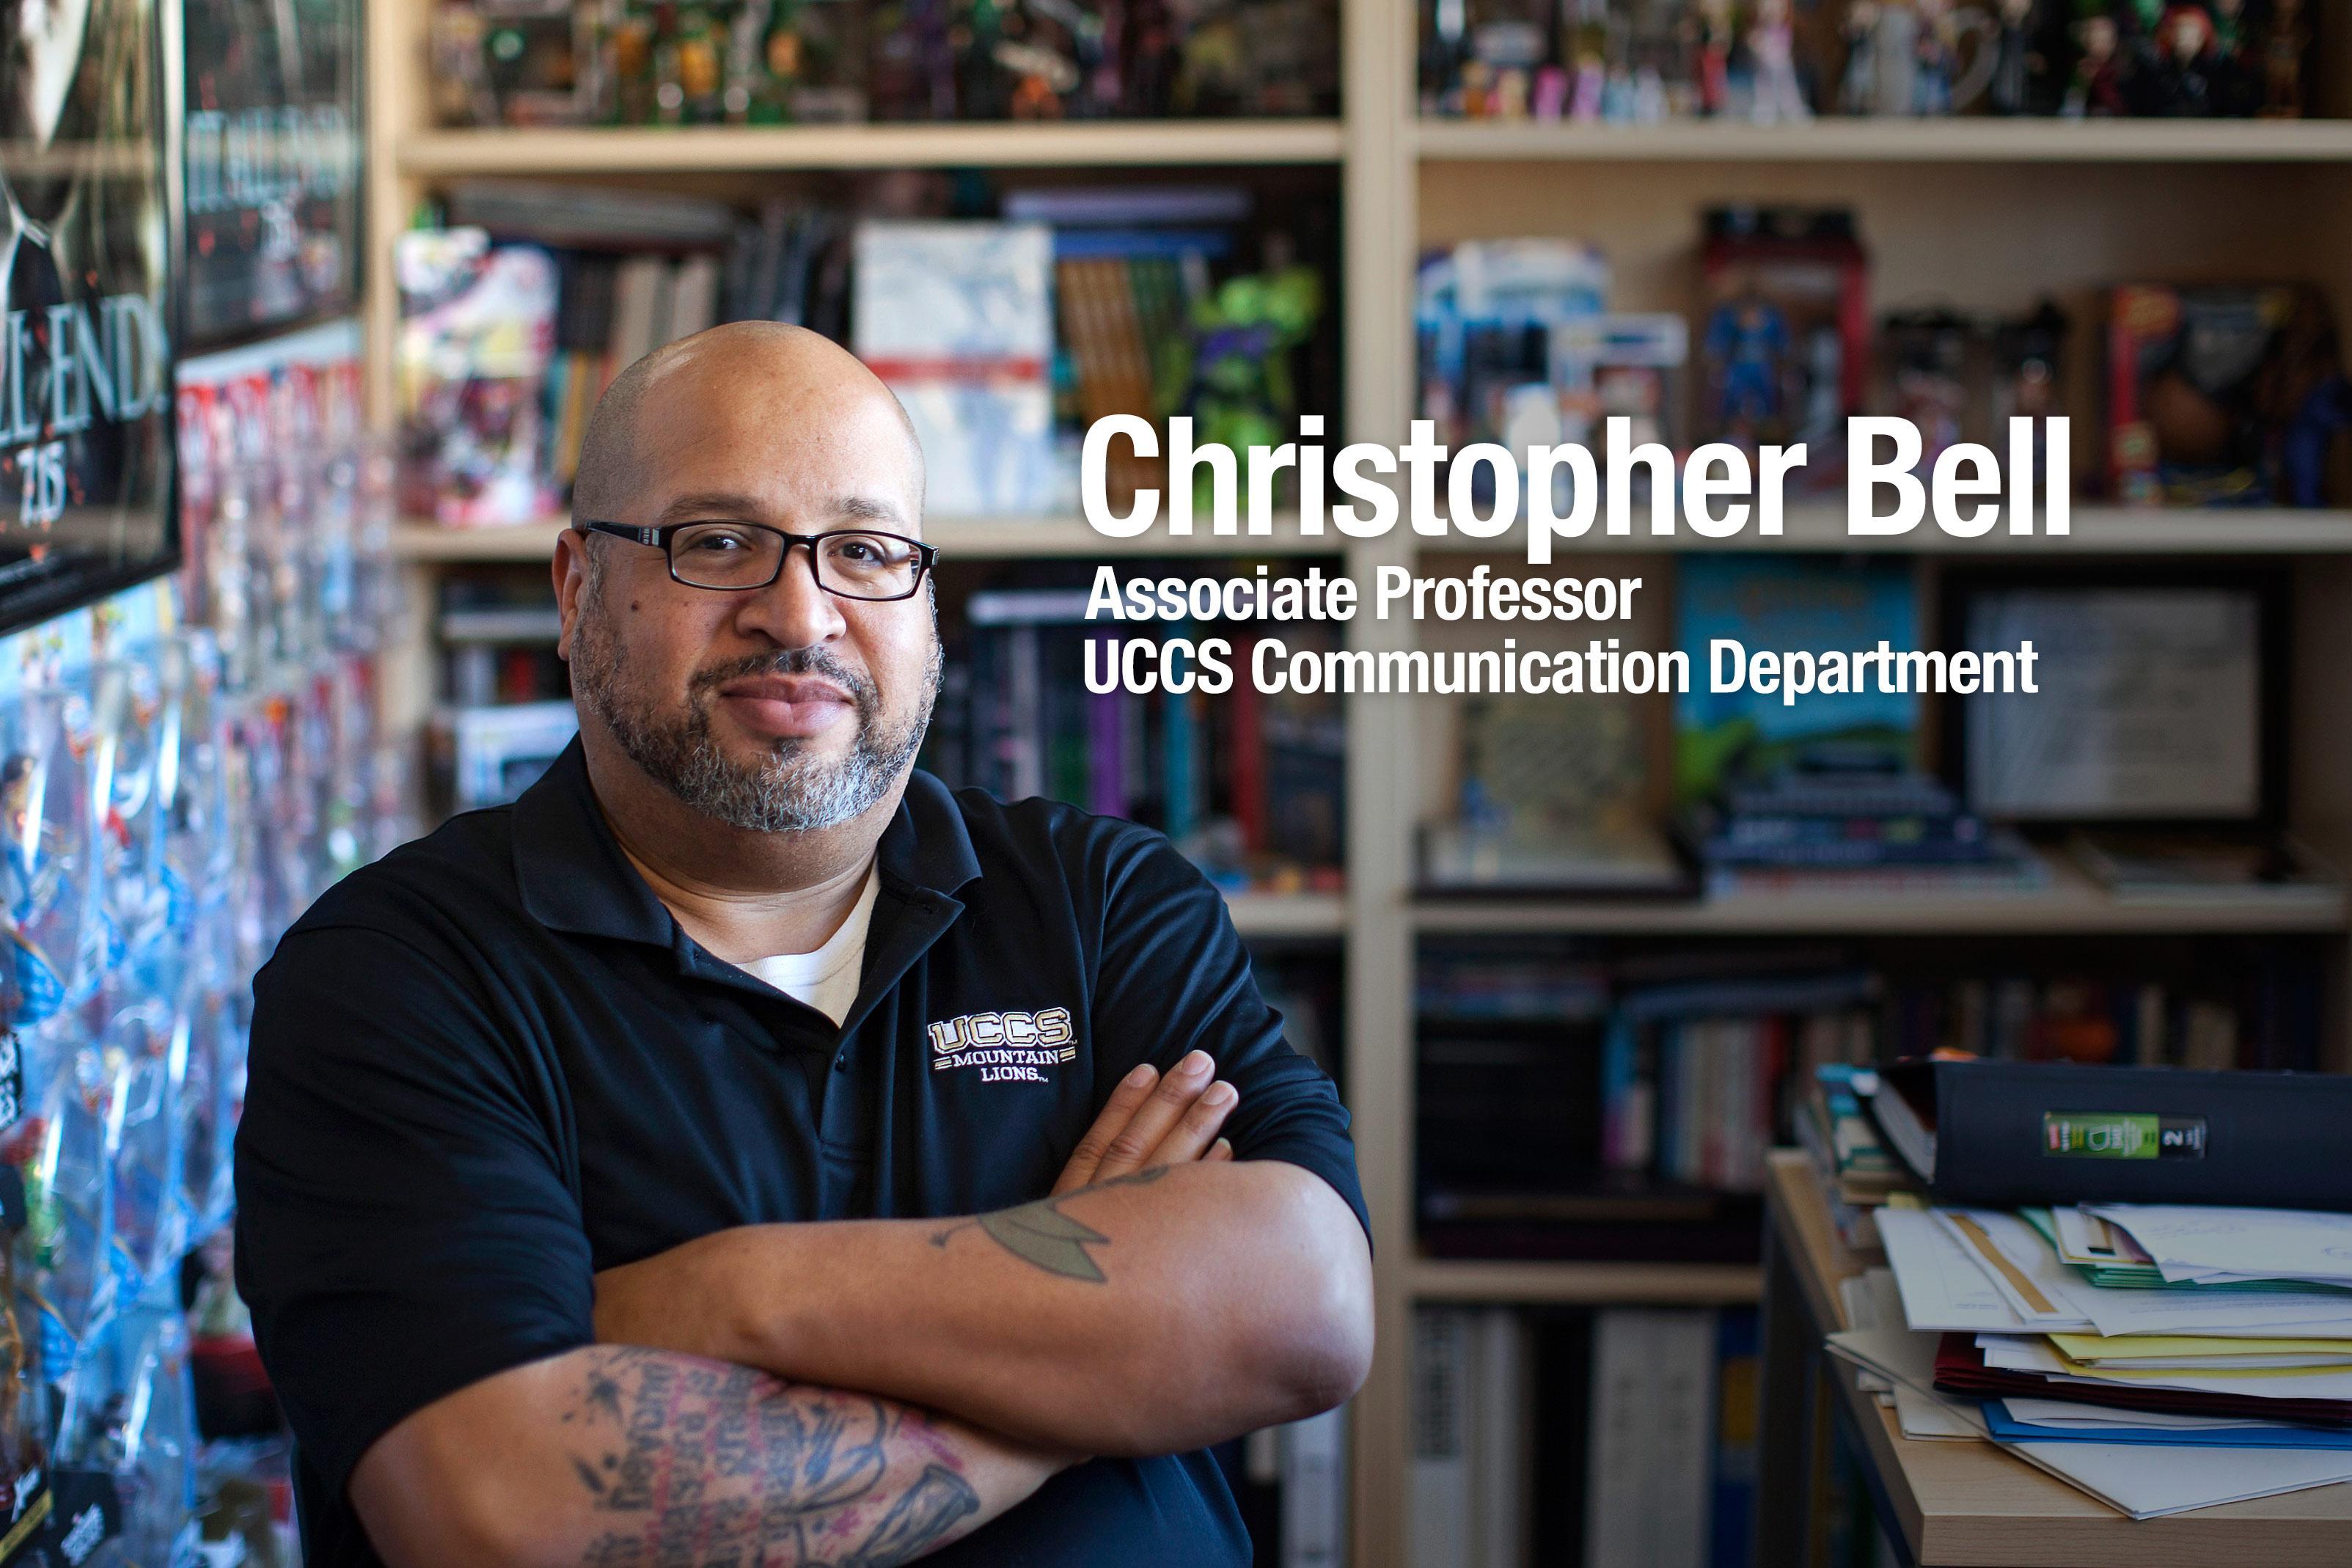 Christopher Bell, Associate Professor, UCCS Communication Department